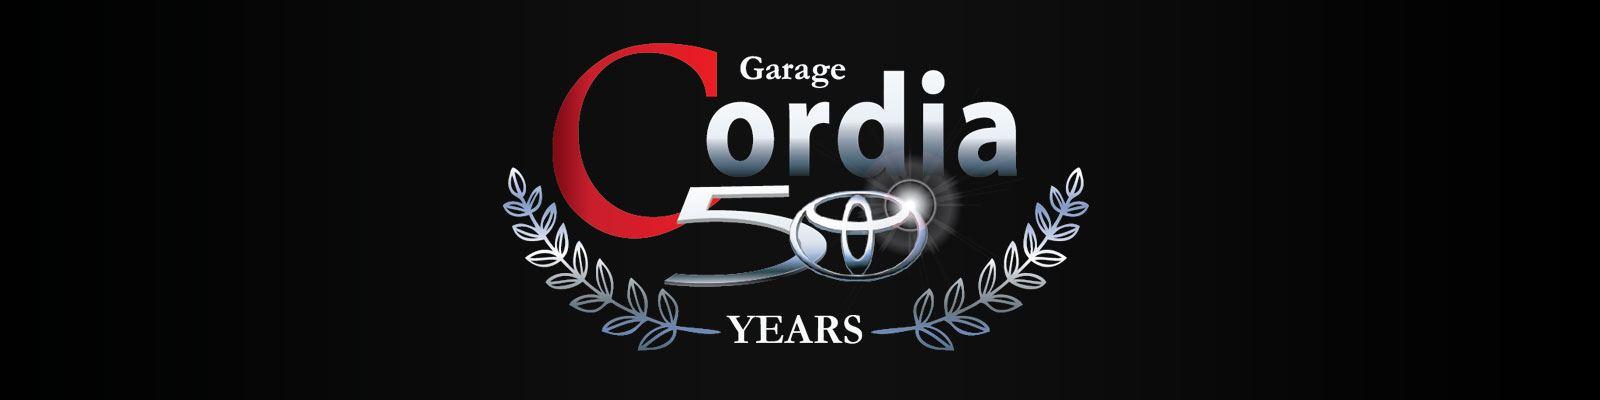 Logo-50-Yars-Cordia-03.jpg